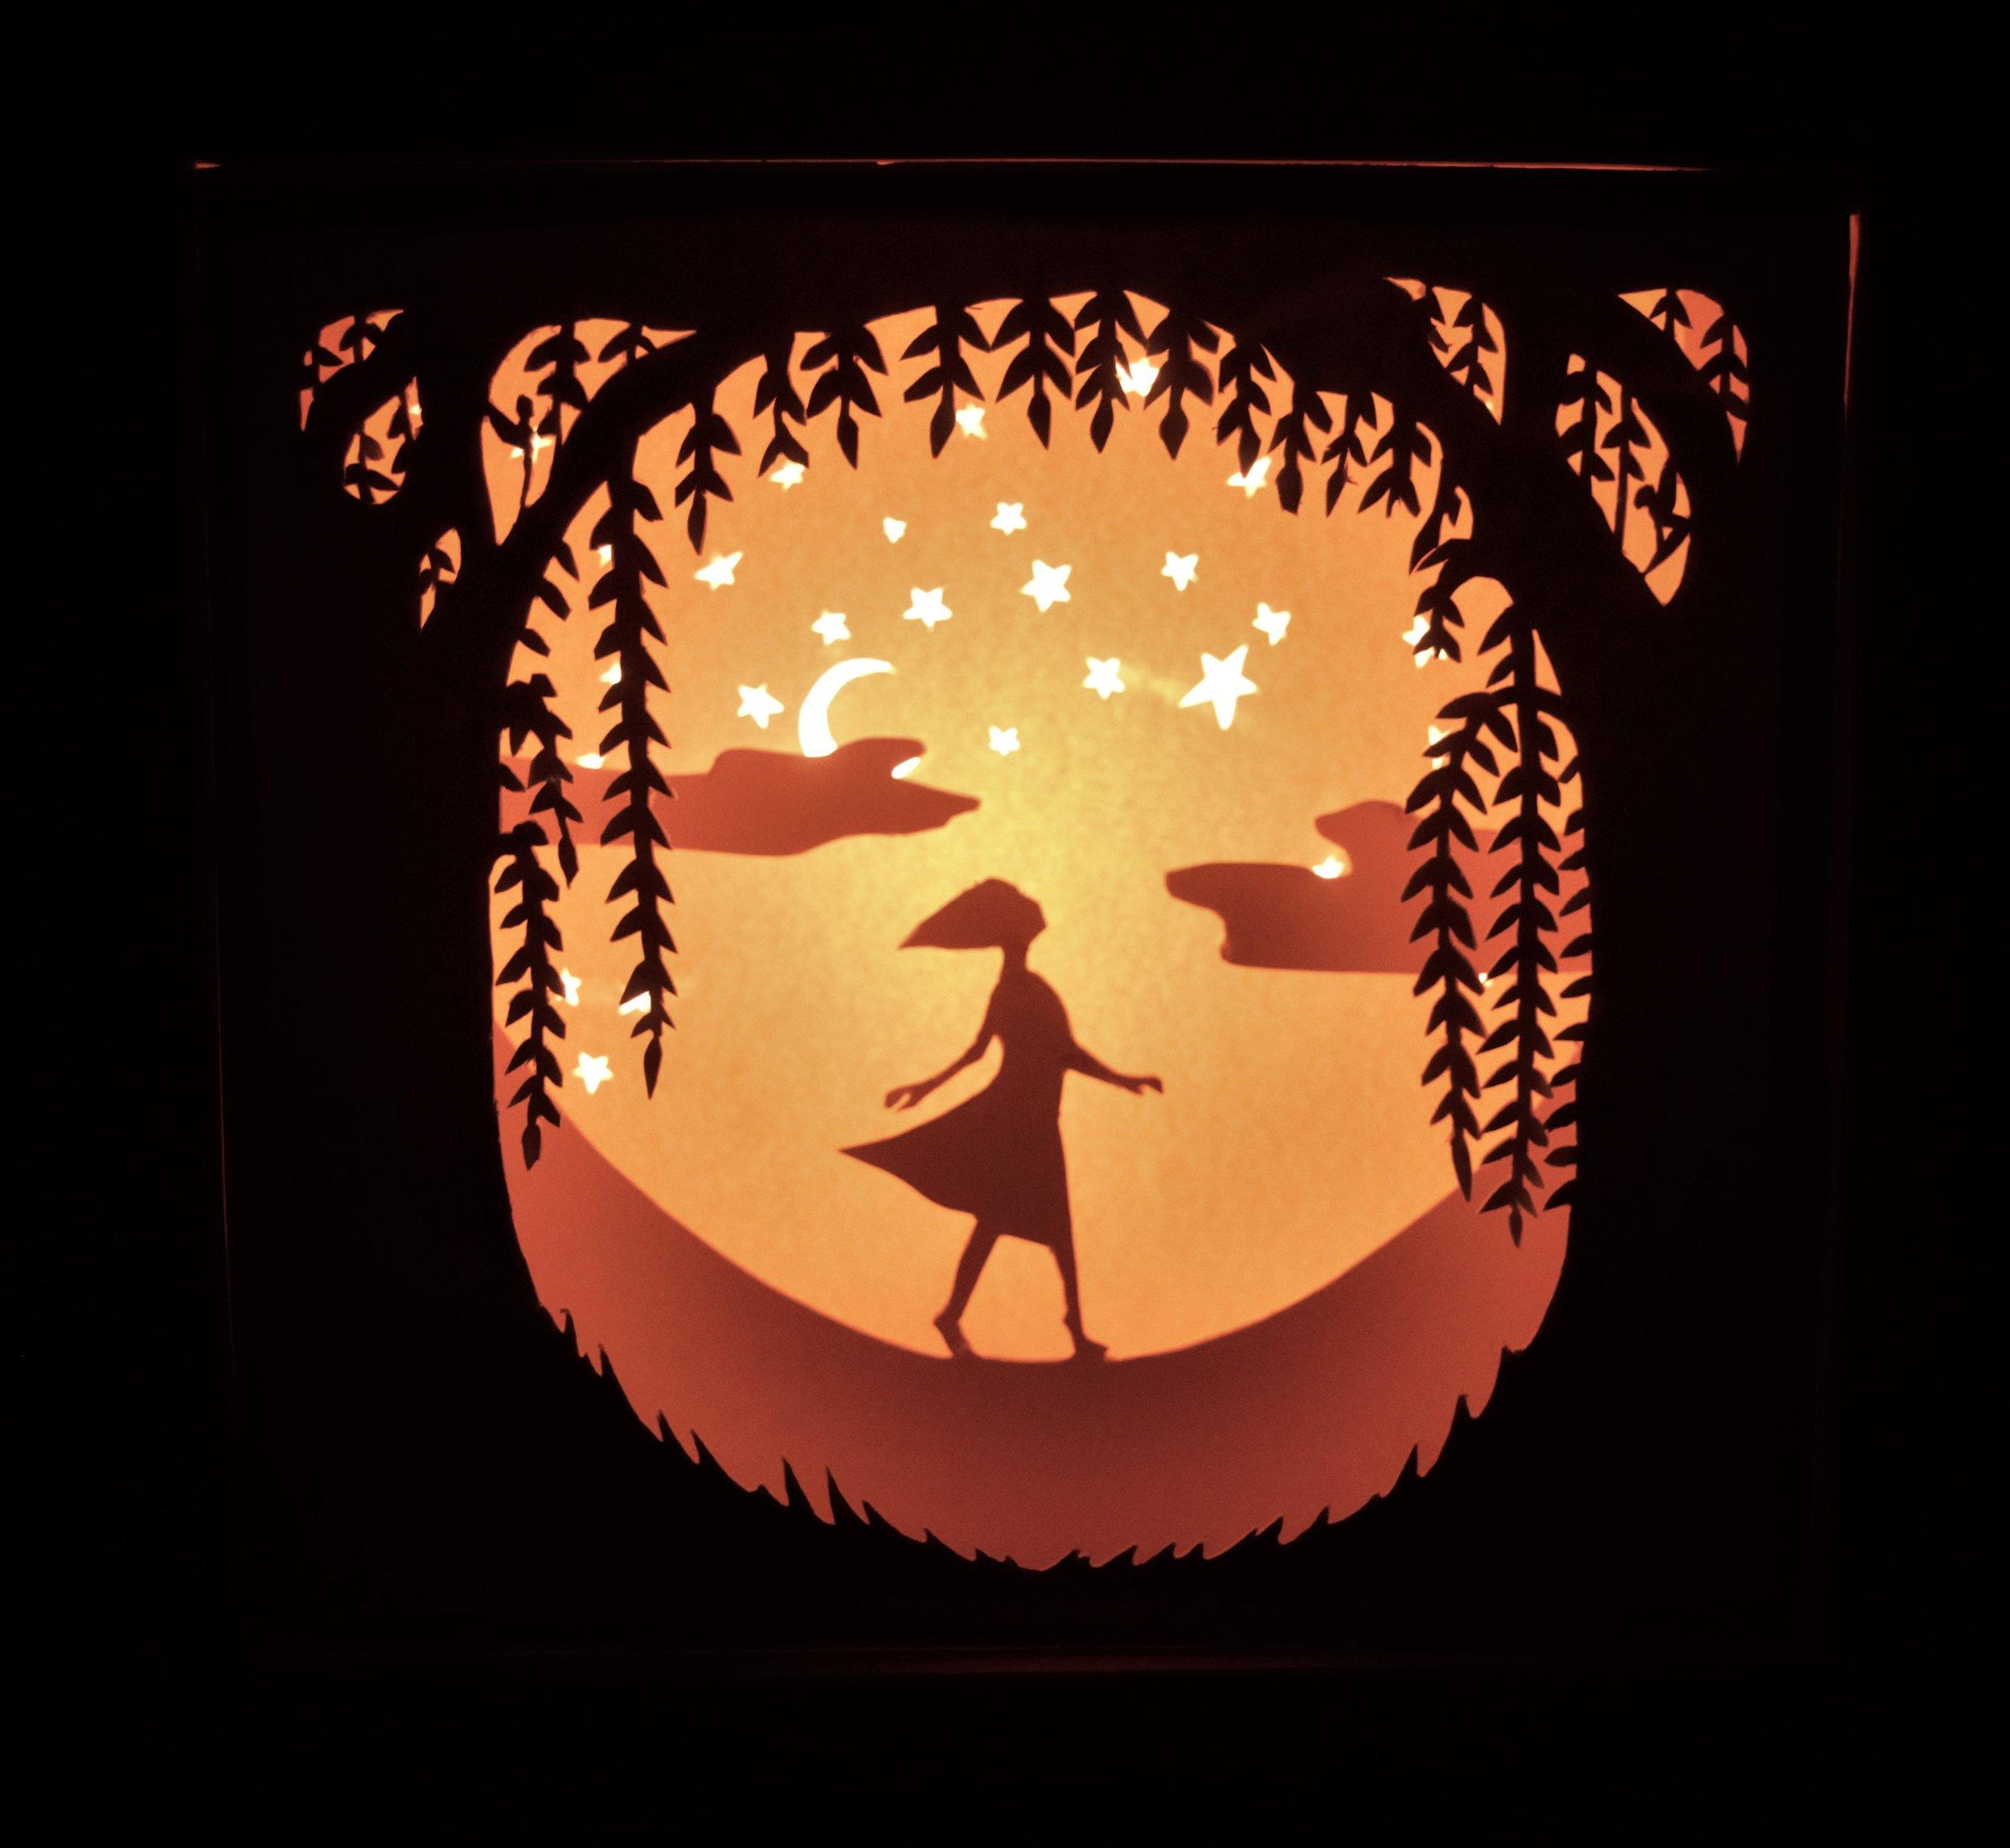 lightbox2.jpg